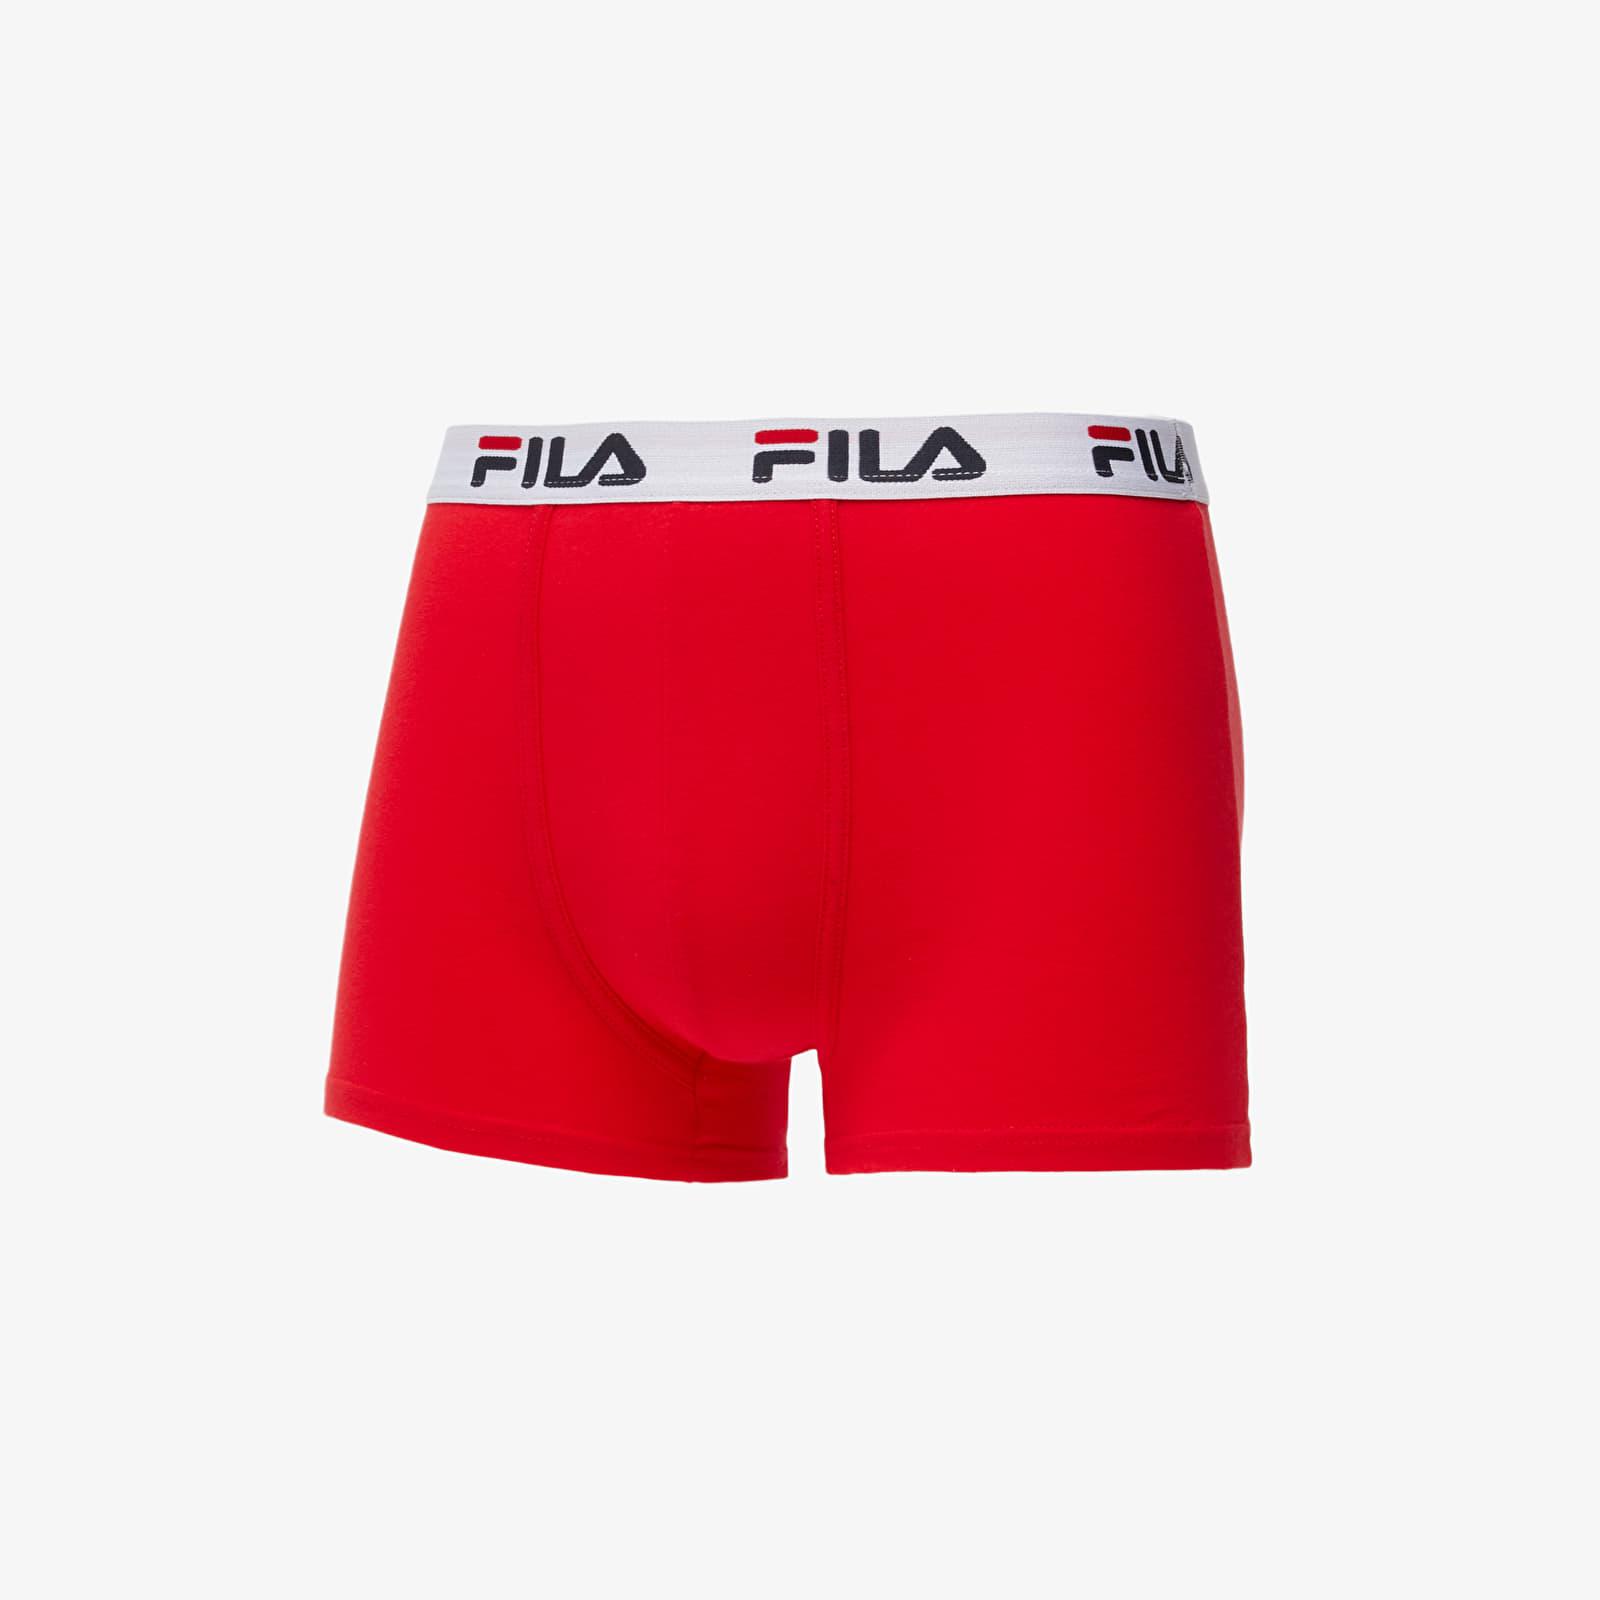 Männerunterwäsche FILA Boxers Red